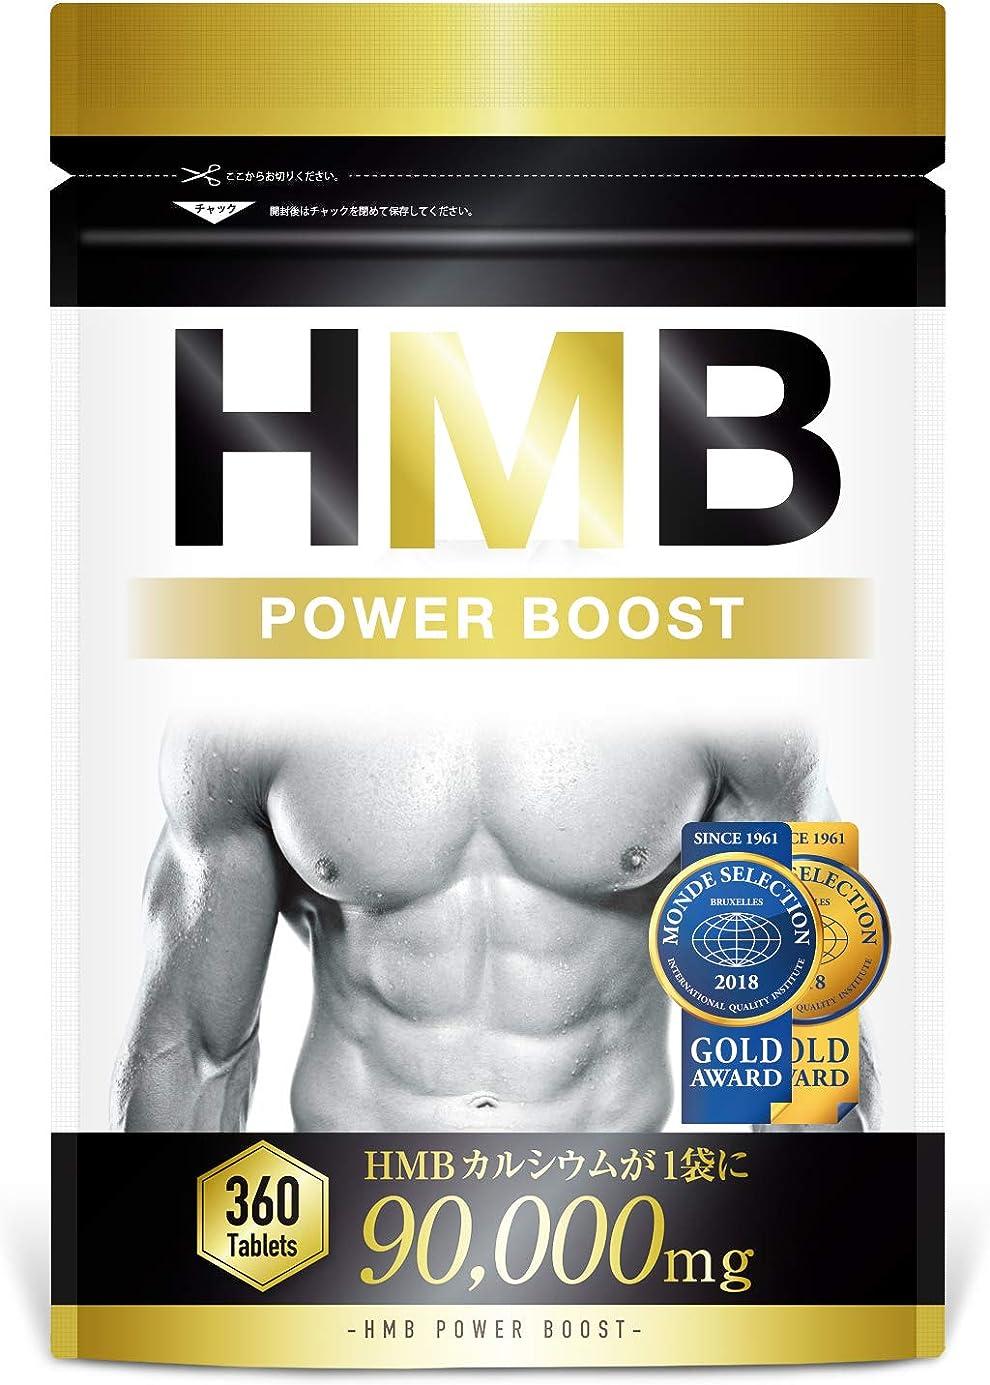 実質的に南方の送ったHMB POWER BOOST HMB サプリメント 360タブレット 1袋 90000mg